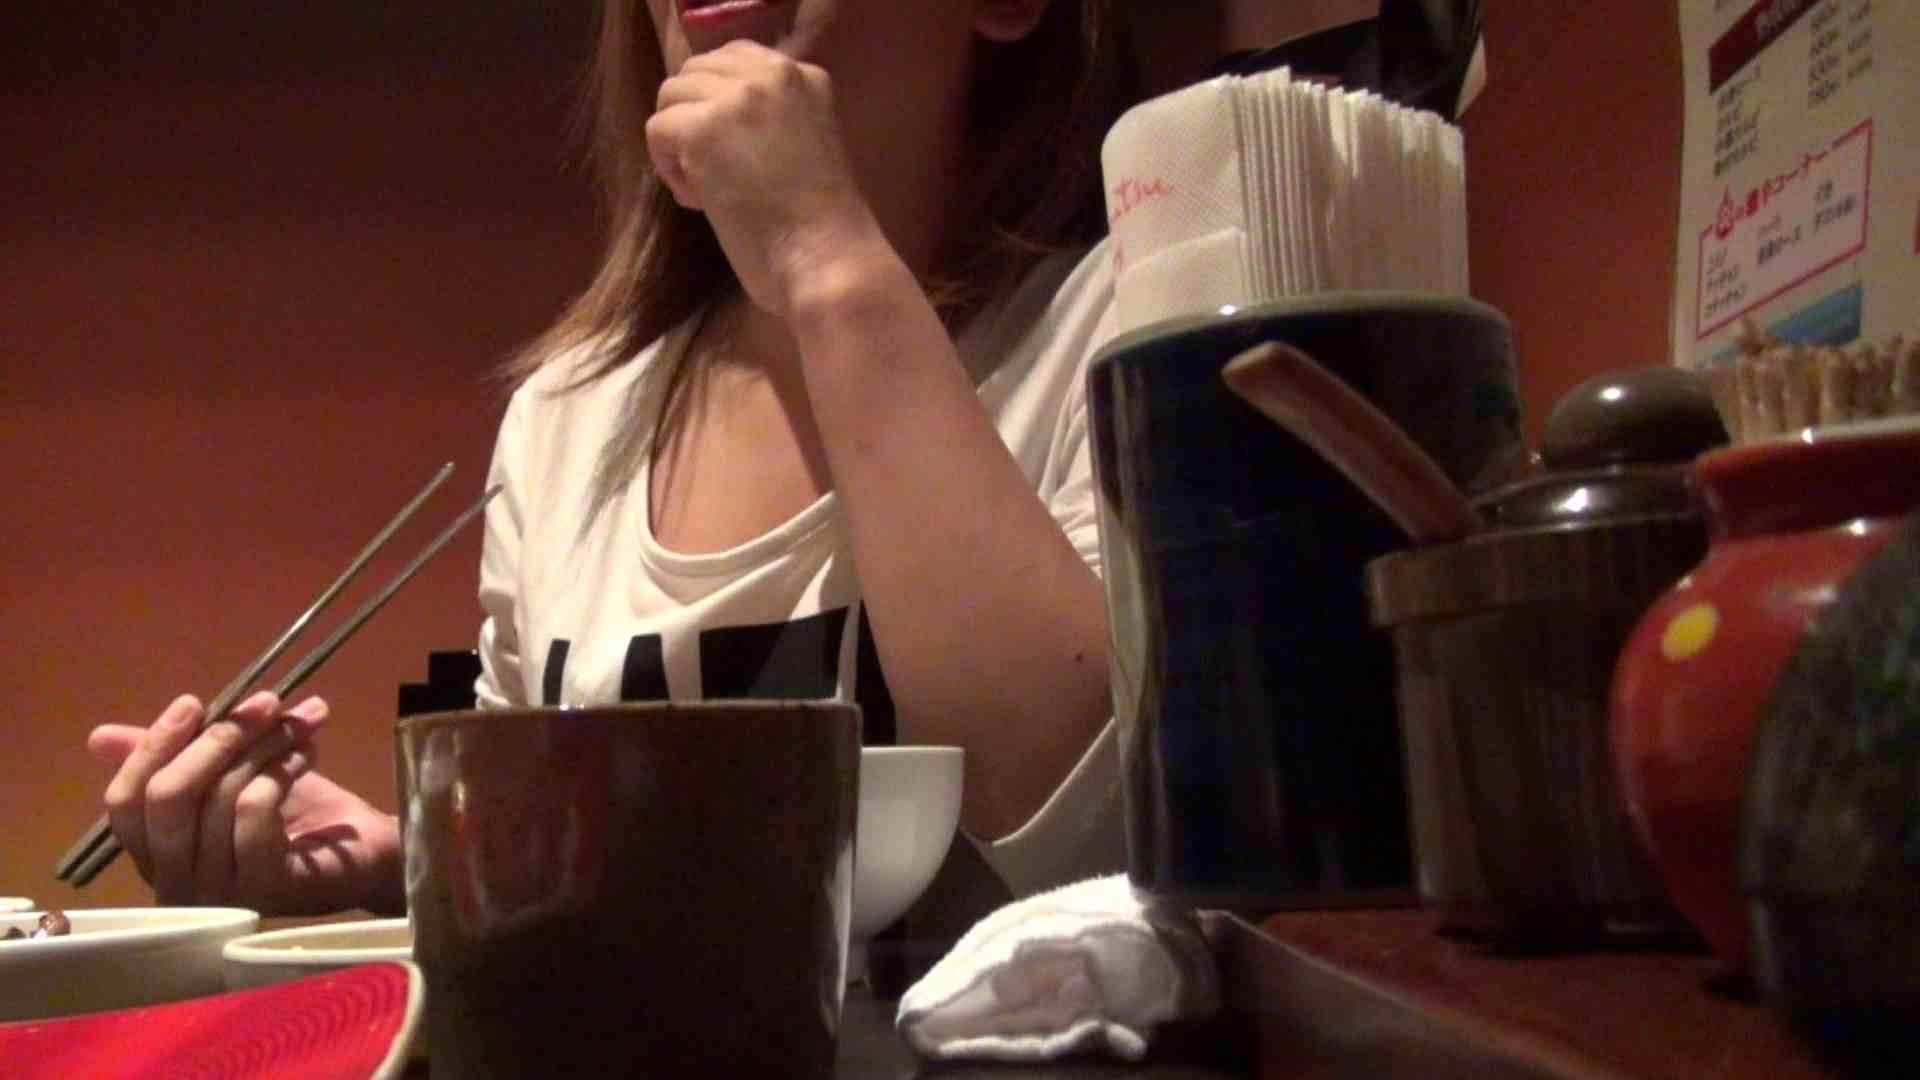 【出会い01】大助さんMちゃんと食事会 0 | 友人と。。  54枚